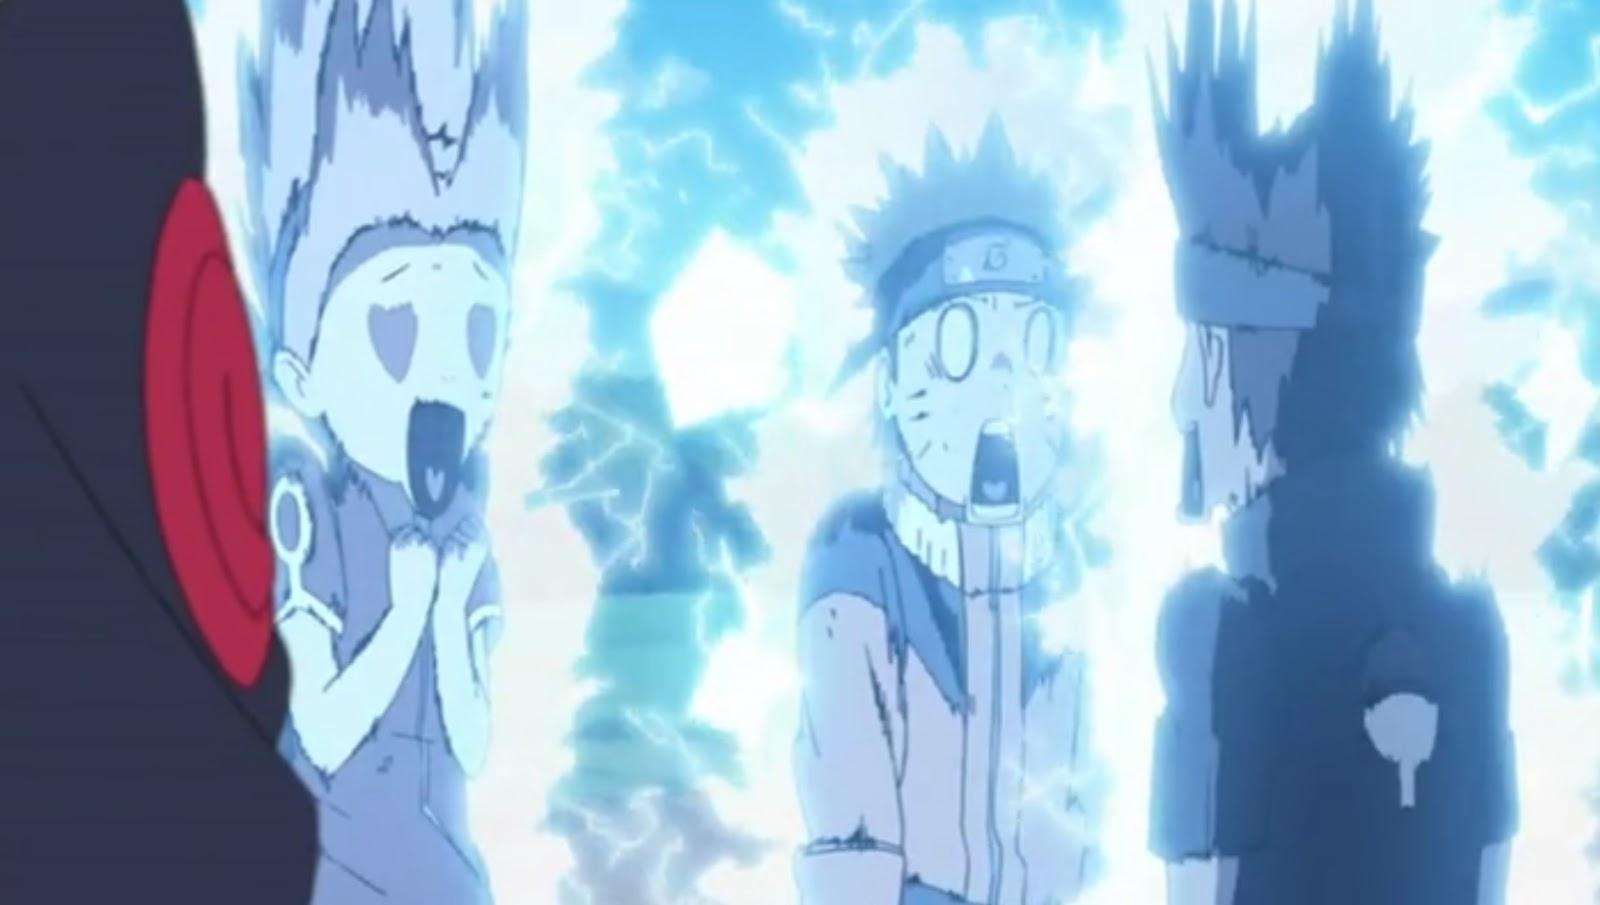 Naruto Shippuden Episódio 194, Assistir Naruto Shippuden Episódio 194, Assistir Naruto Shippuden Todos os Episódios Legendado, Naruto Shippuden episódio 194,HD